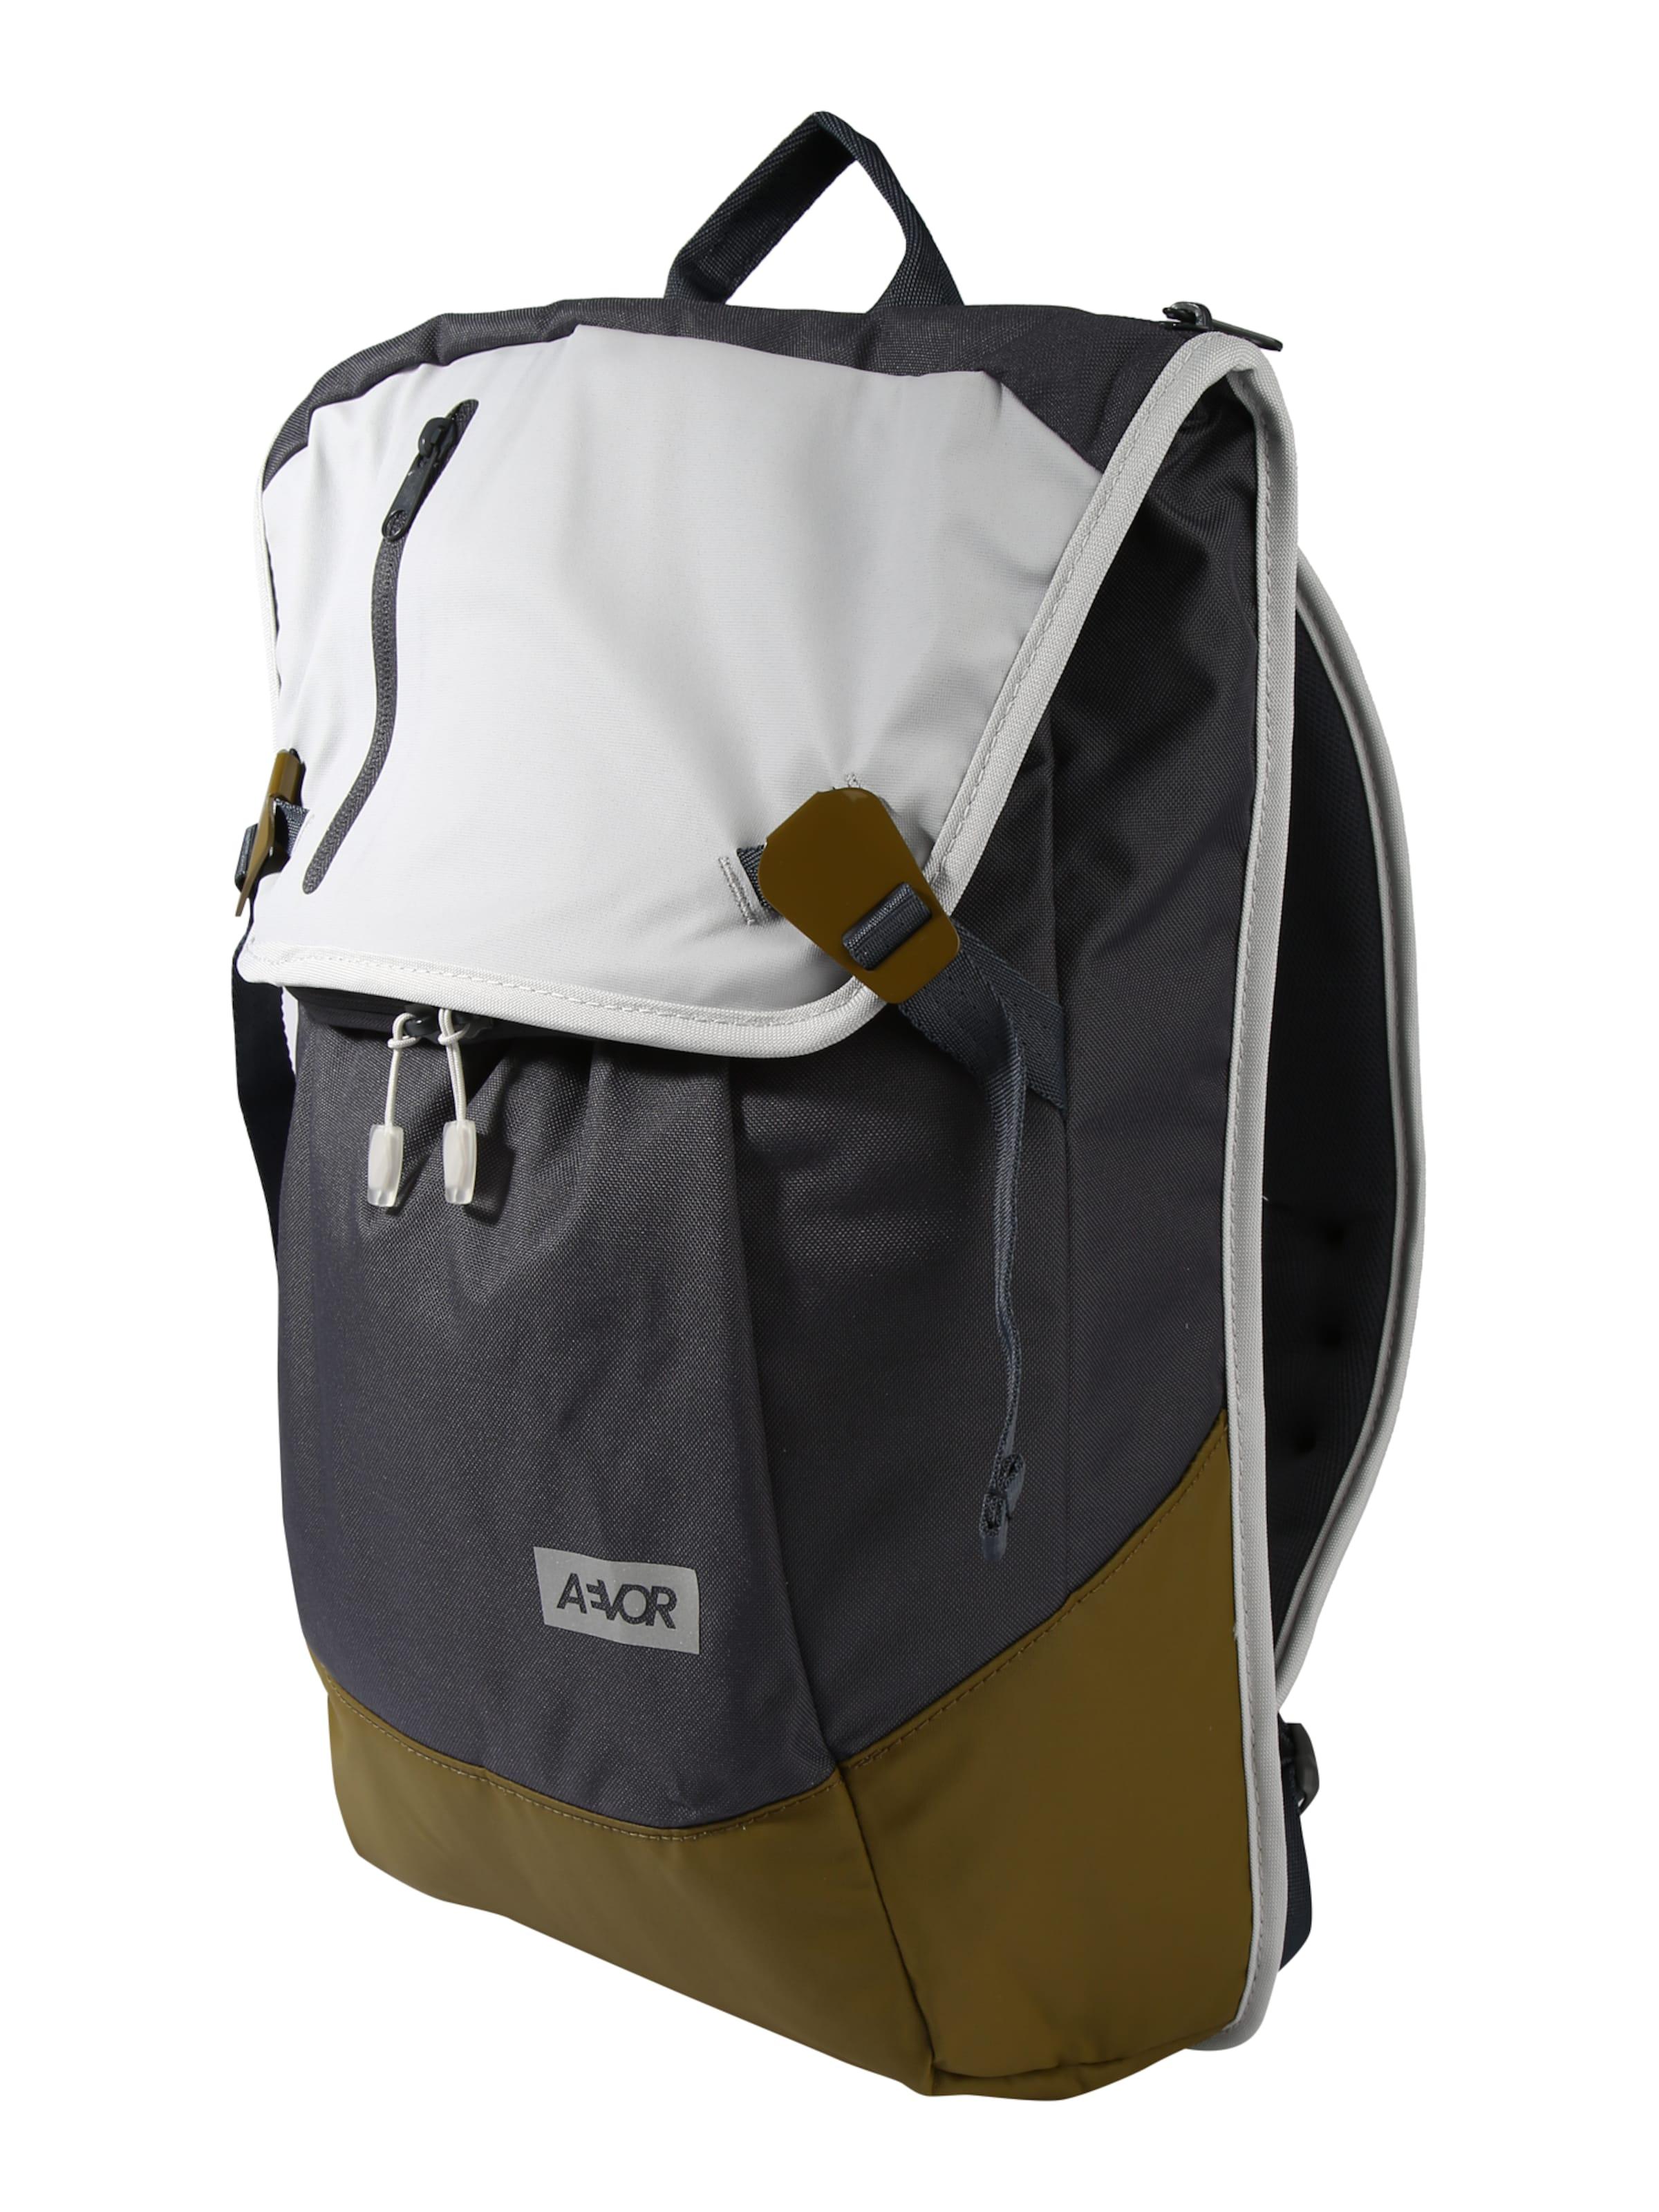 Neue Und Mode AEVOR Rucksack 'AEVOR' Neue Stile Verkauf Online Billig Verkauf Footaction xCh0fHBF